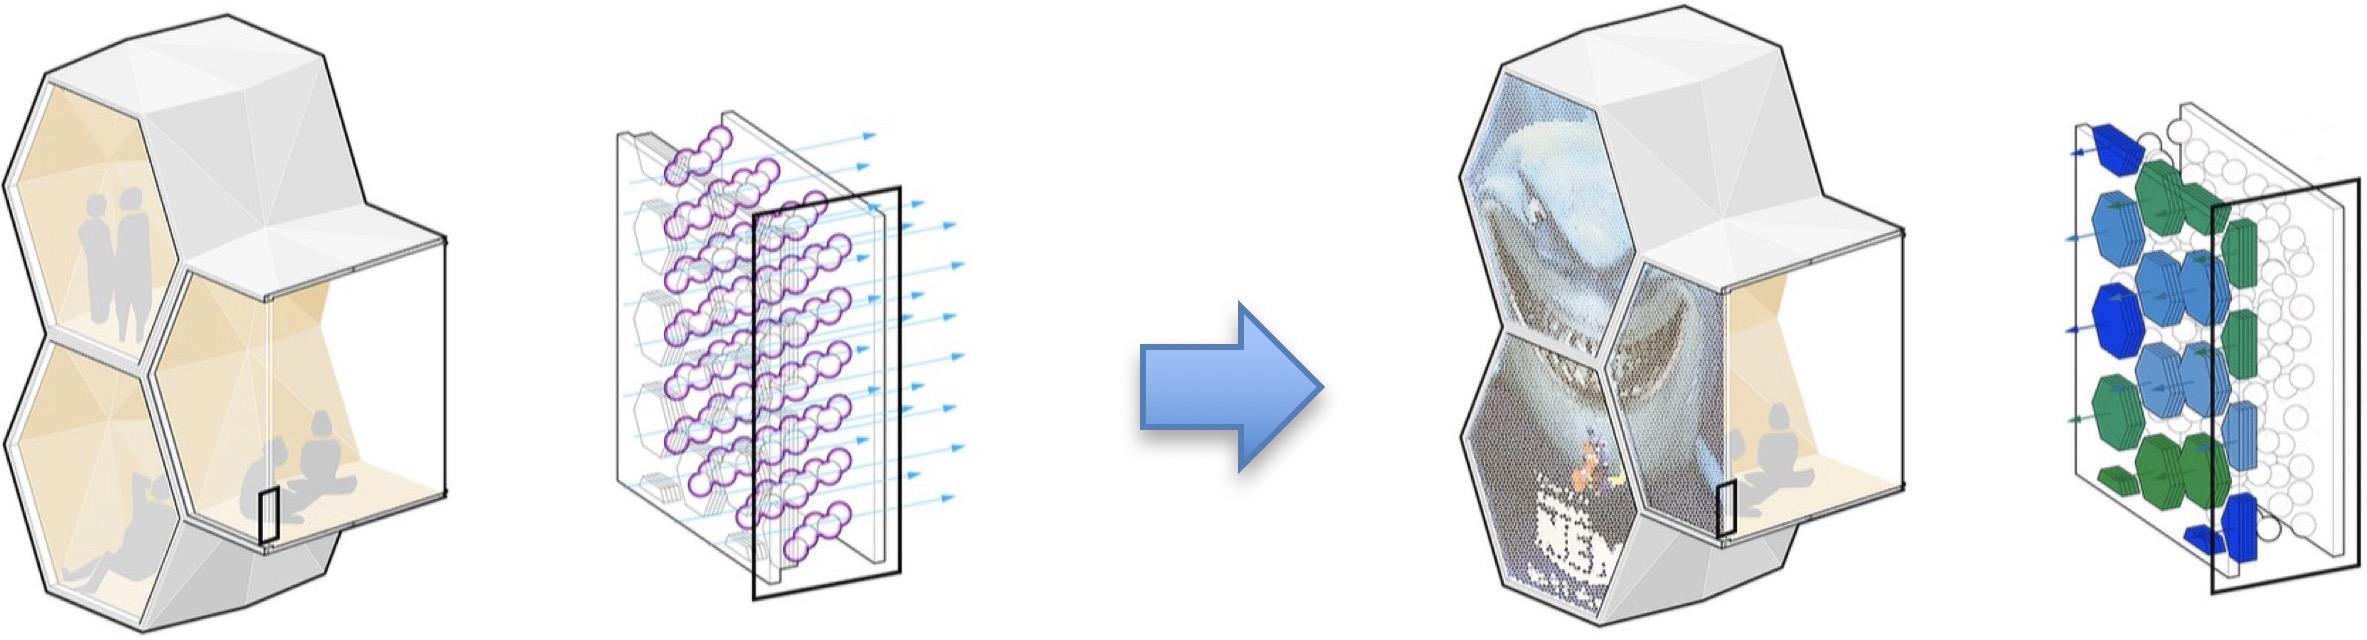 スマートガラスの解説